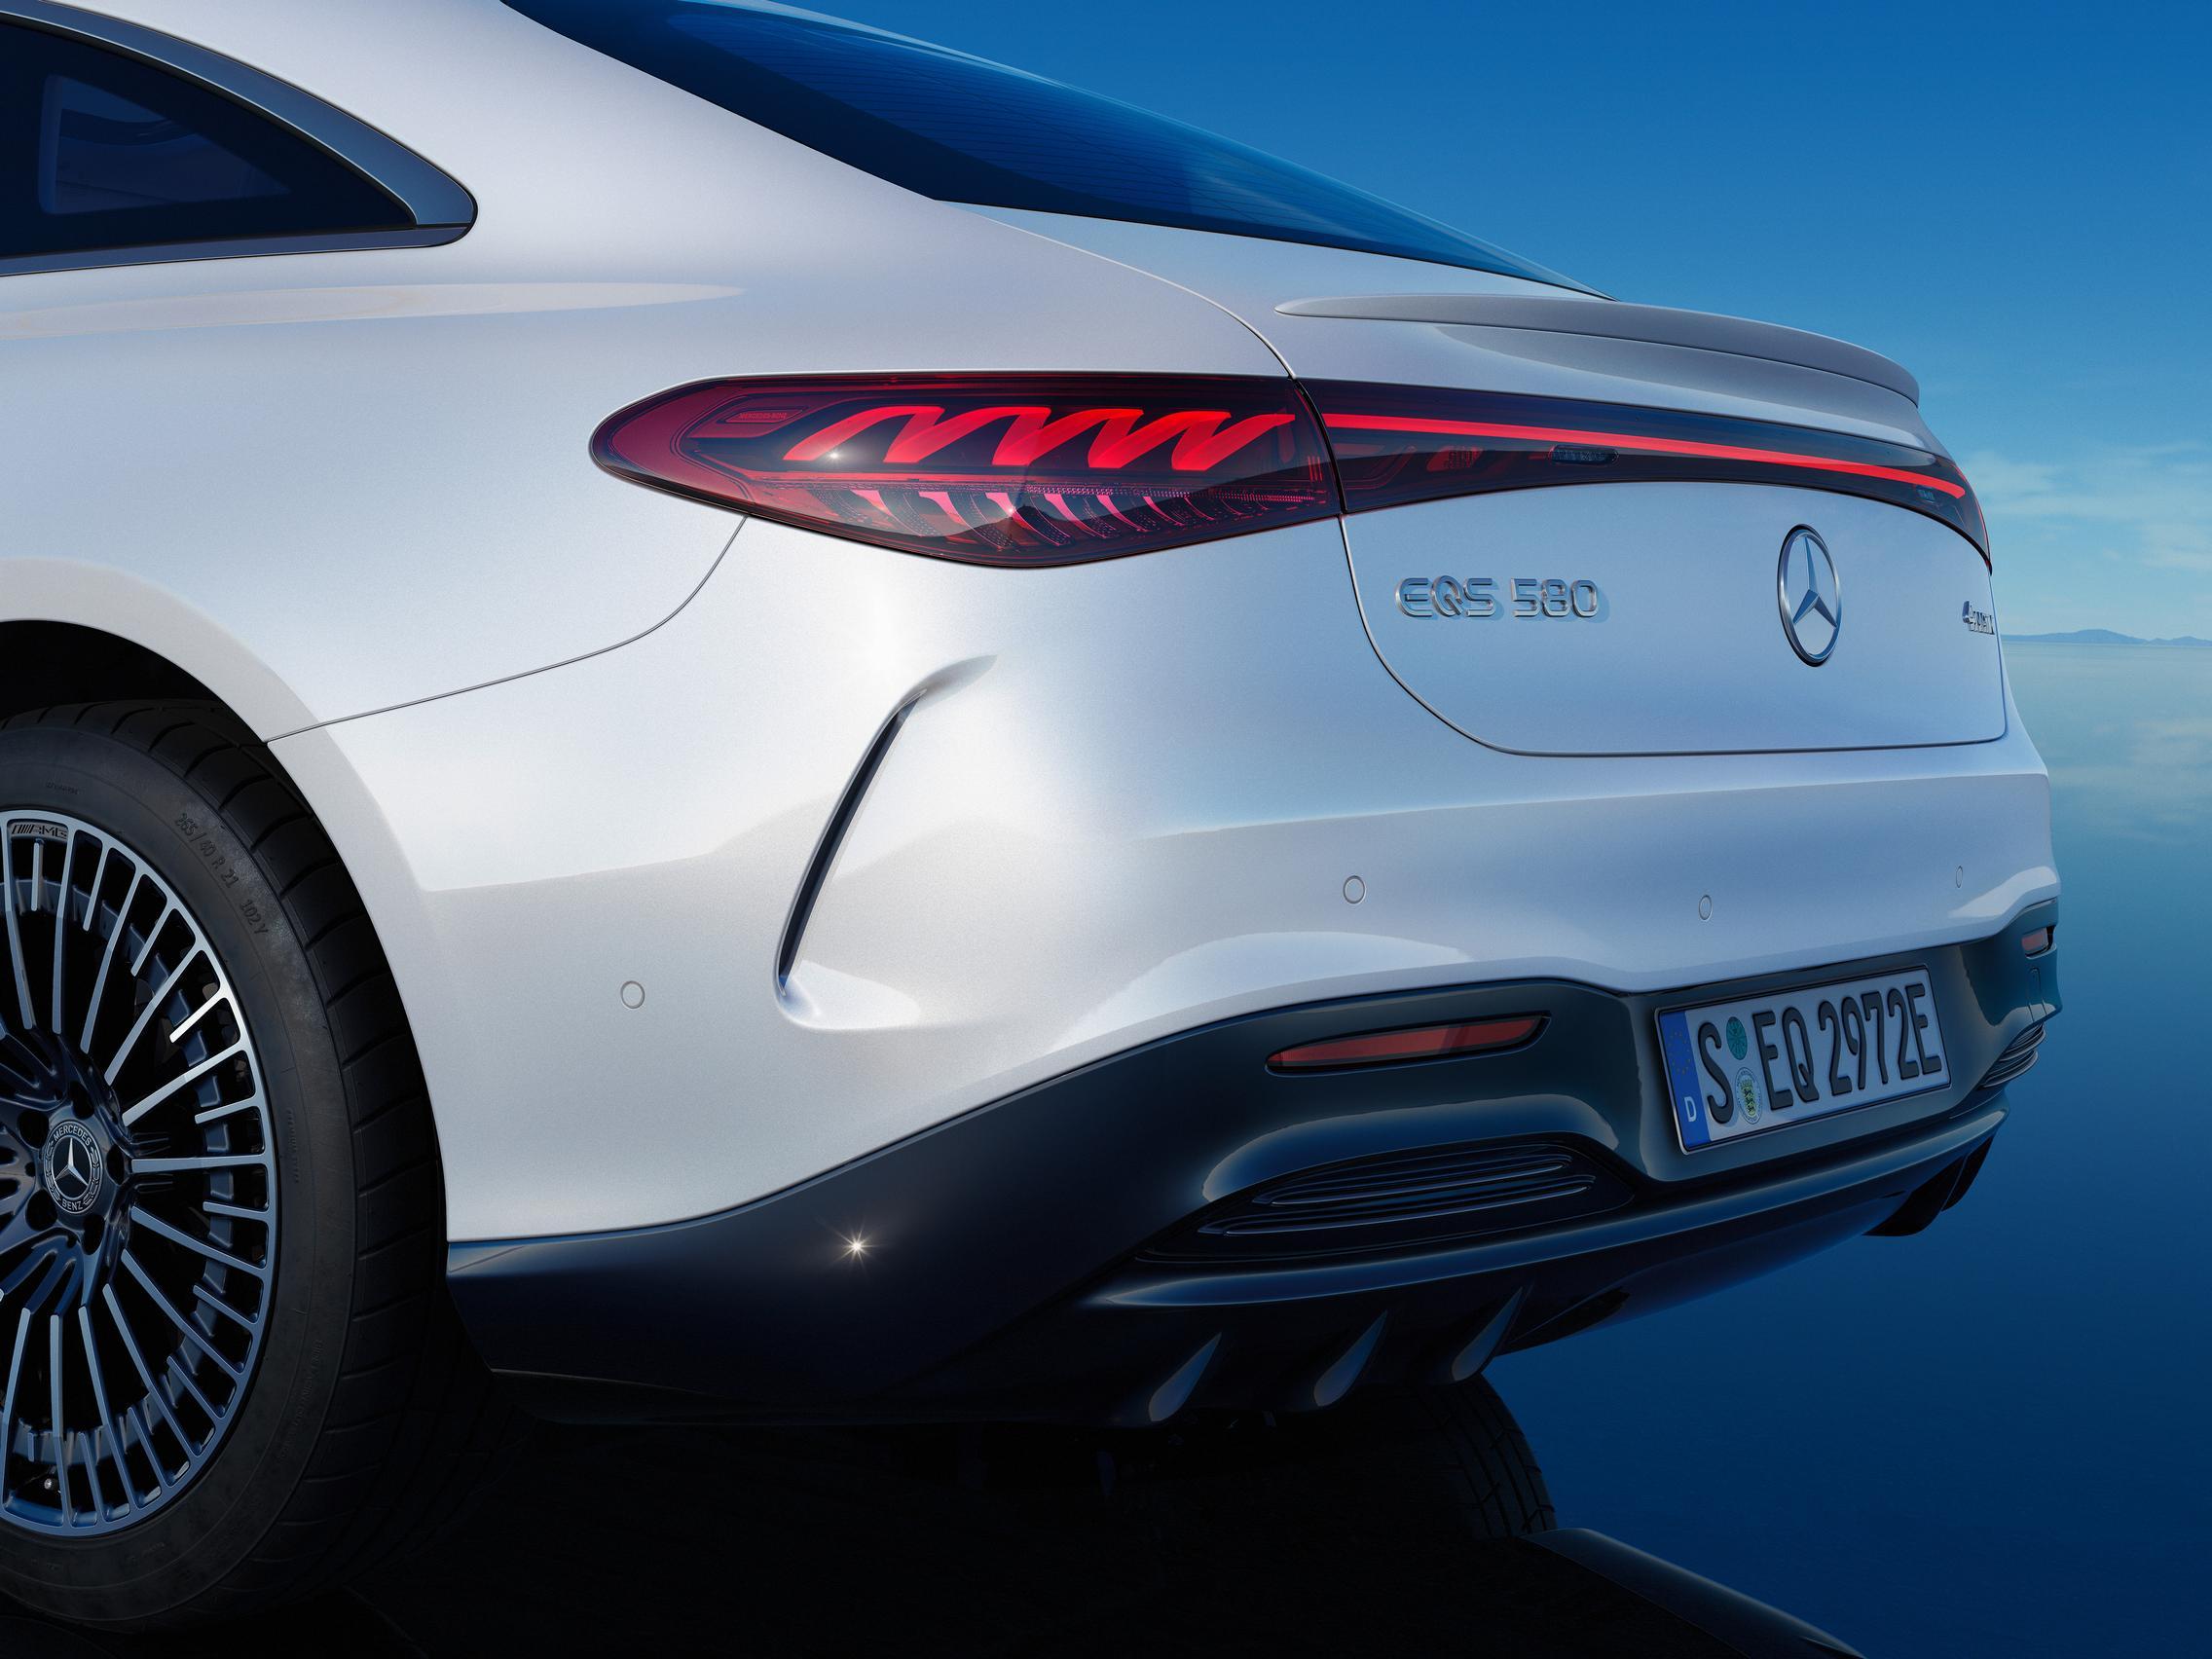 Mercedes EQS 450